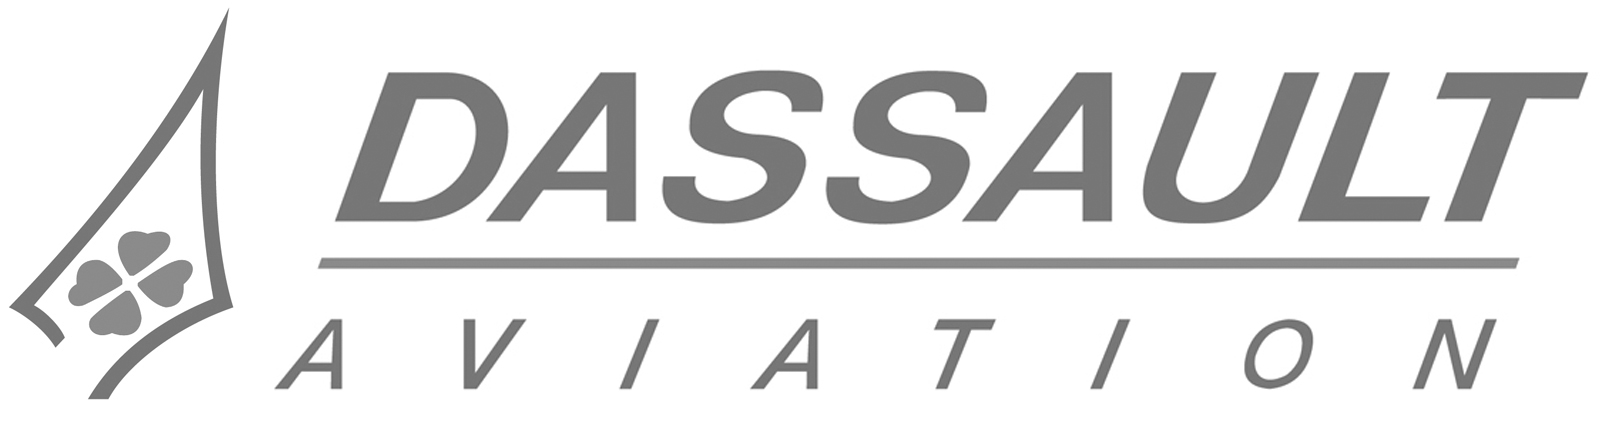 DASSAULT mécanique aéronautique